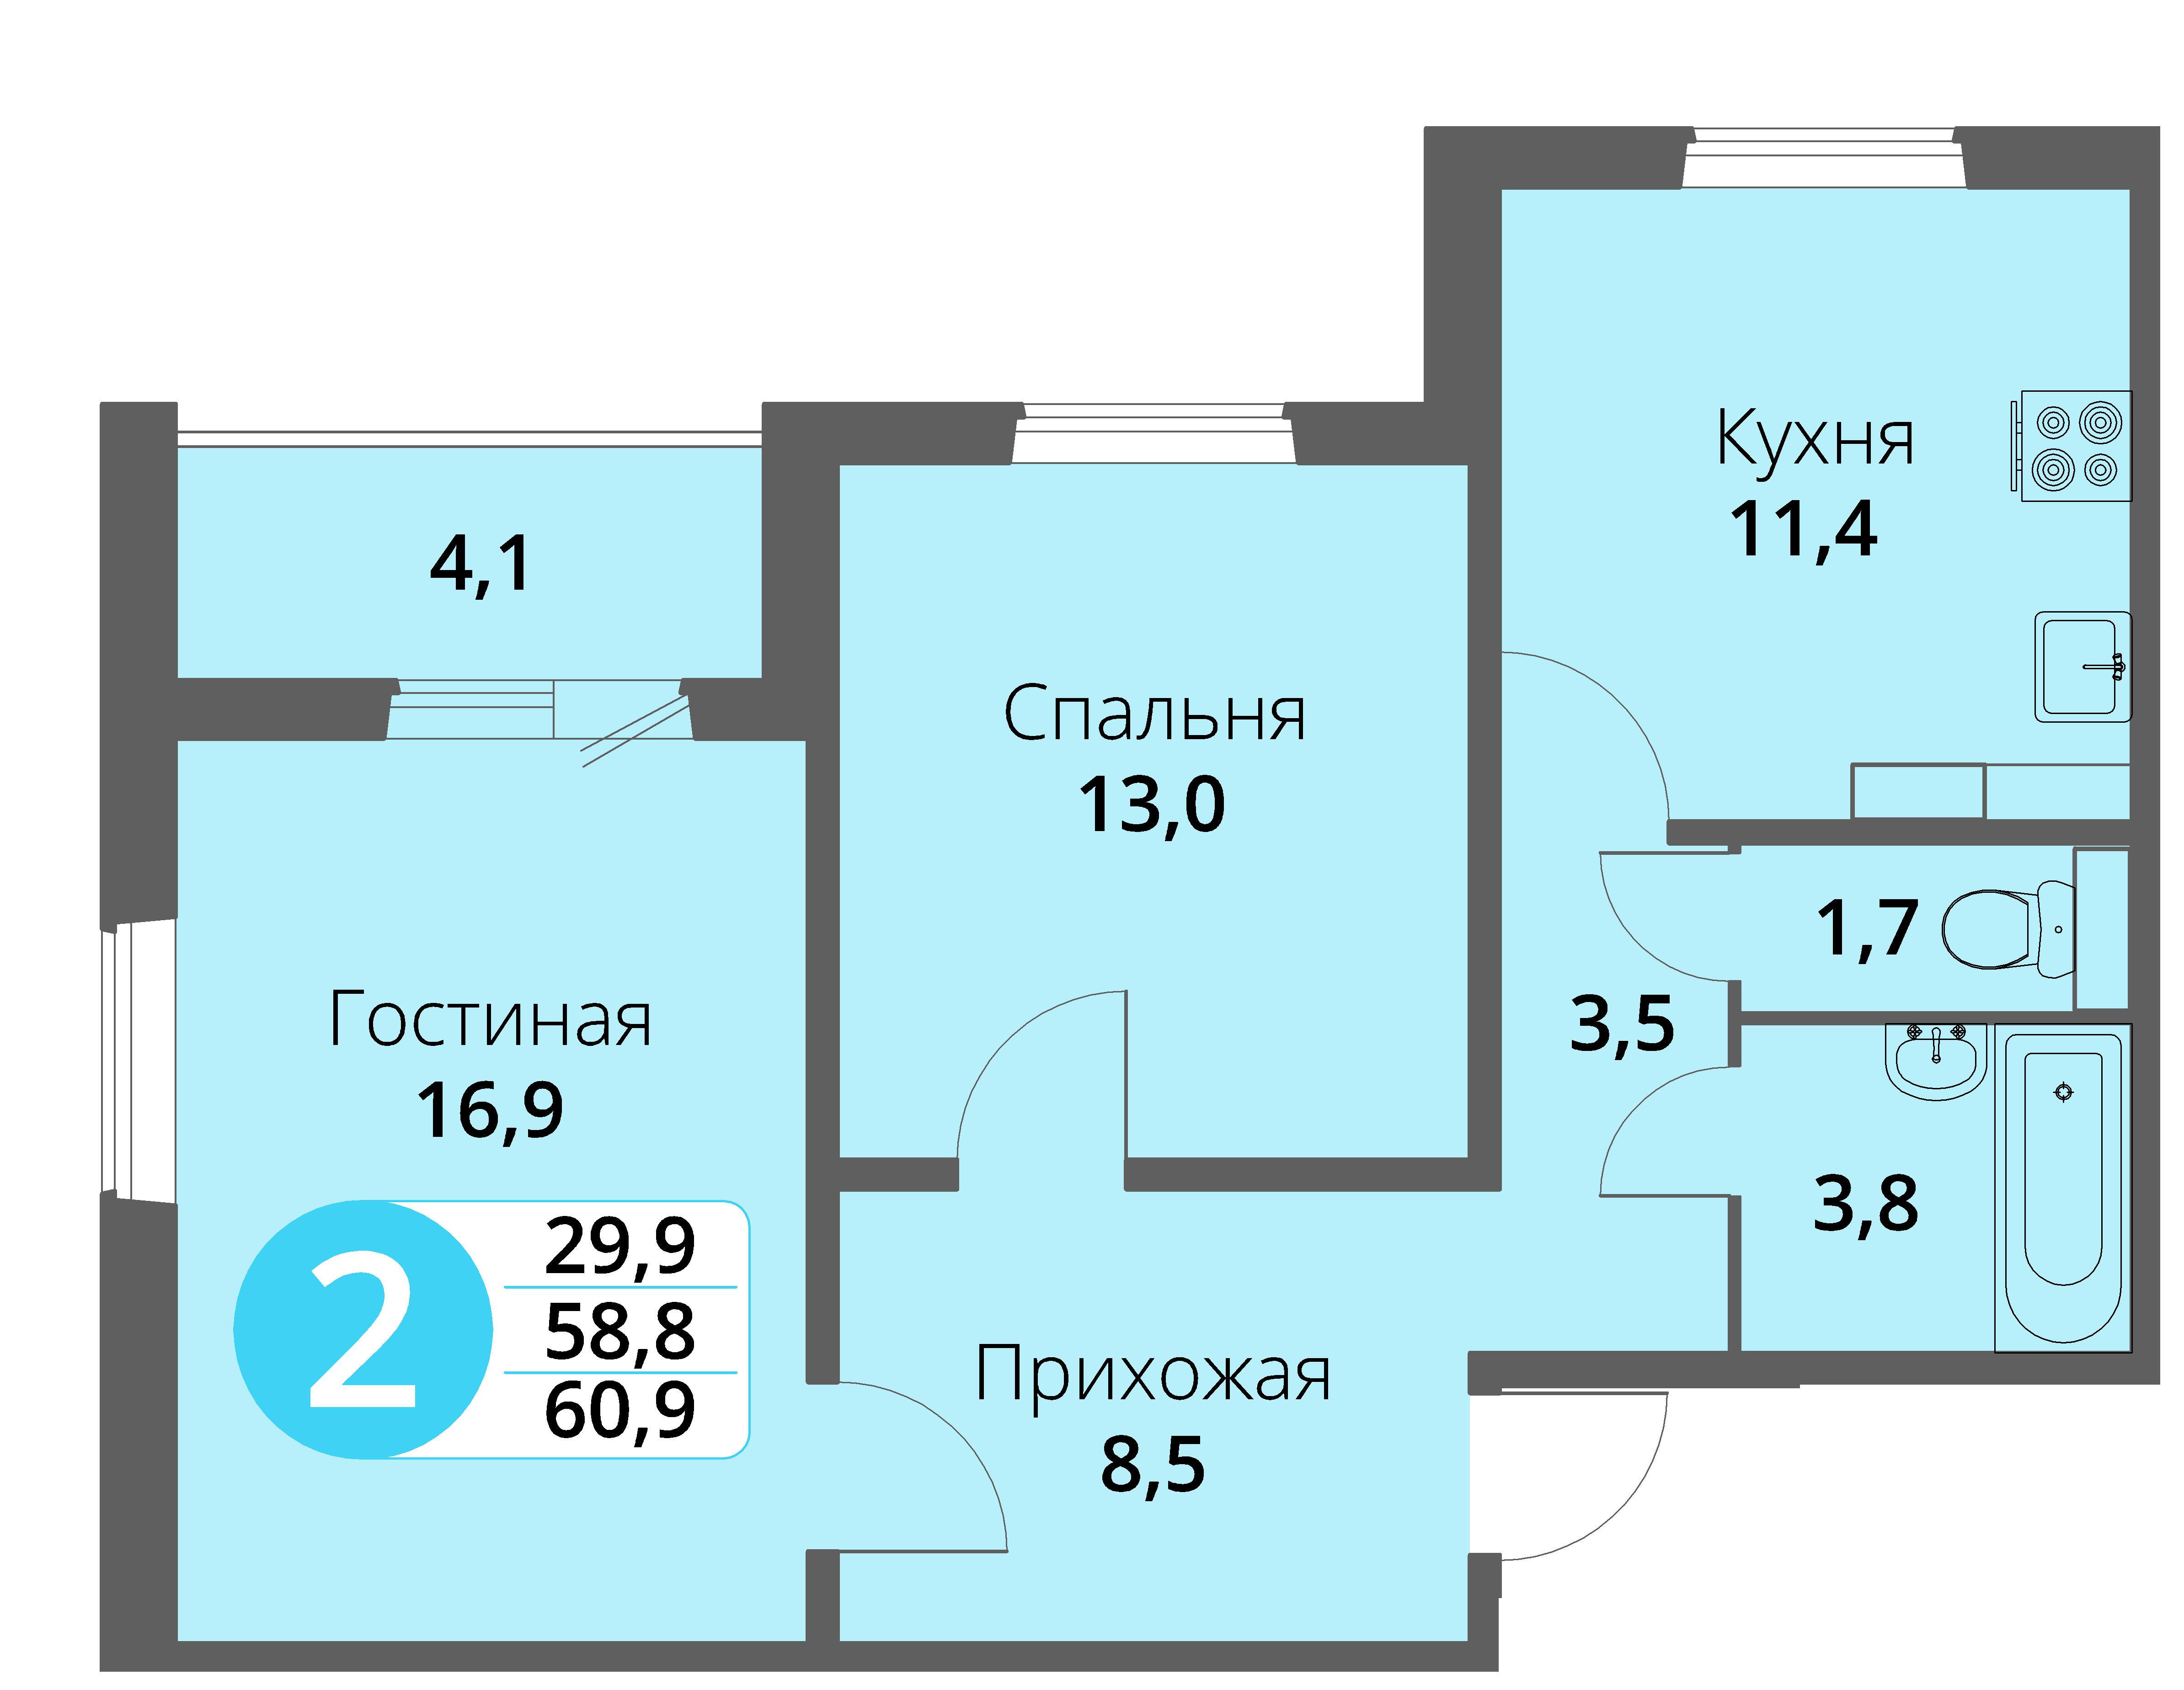 Зареченская 1-2, квартира 180 - Двухкомнатная